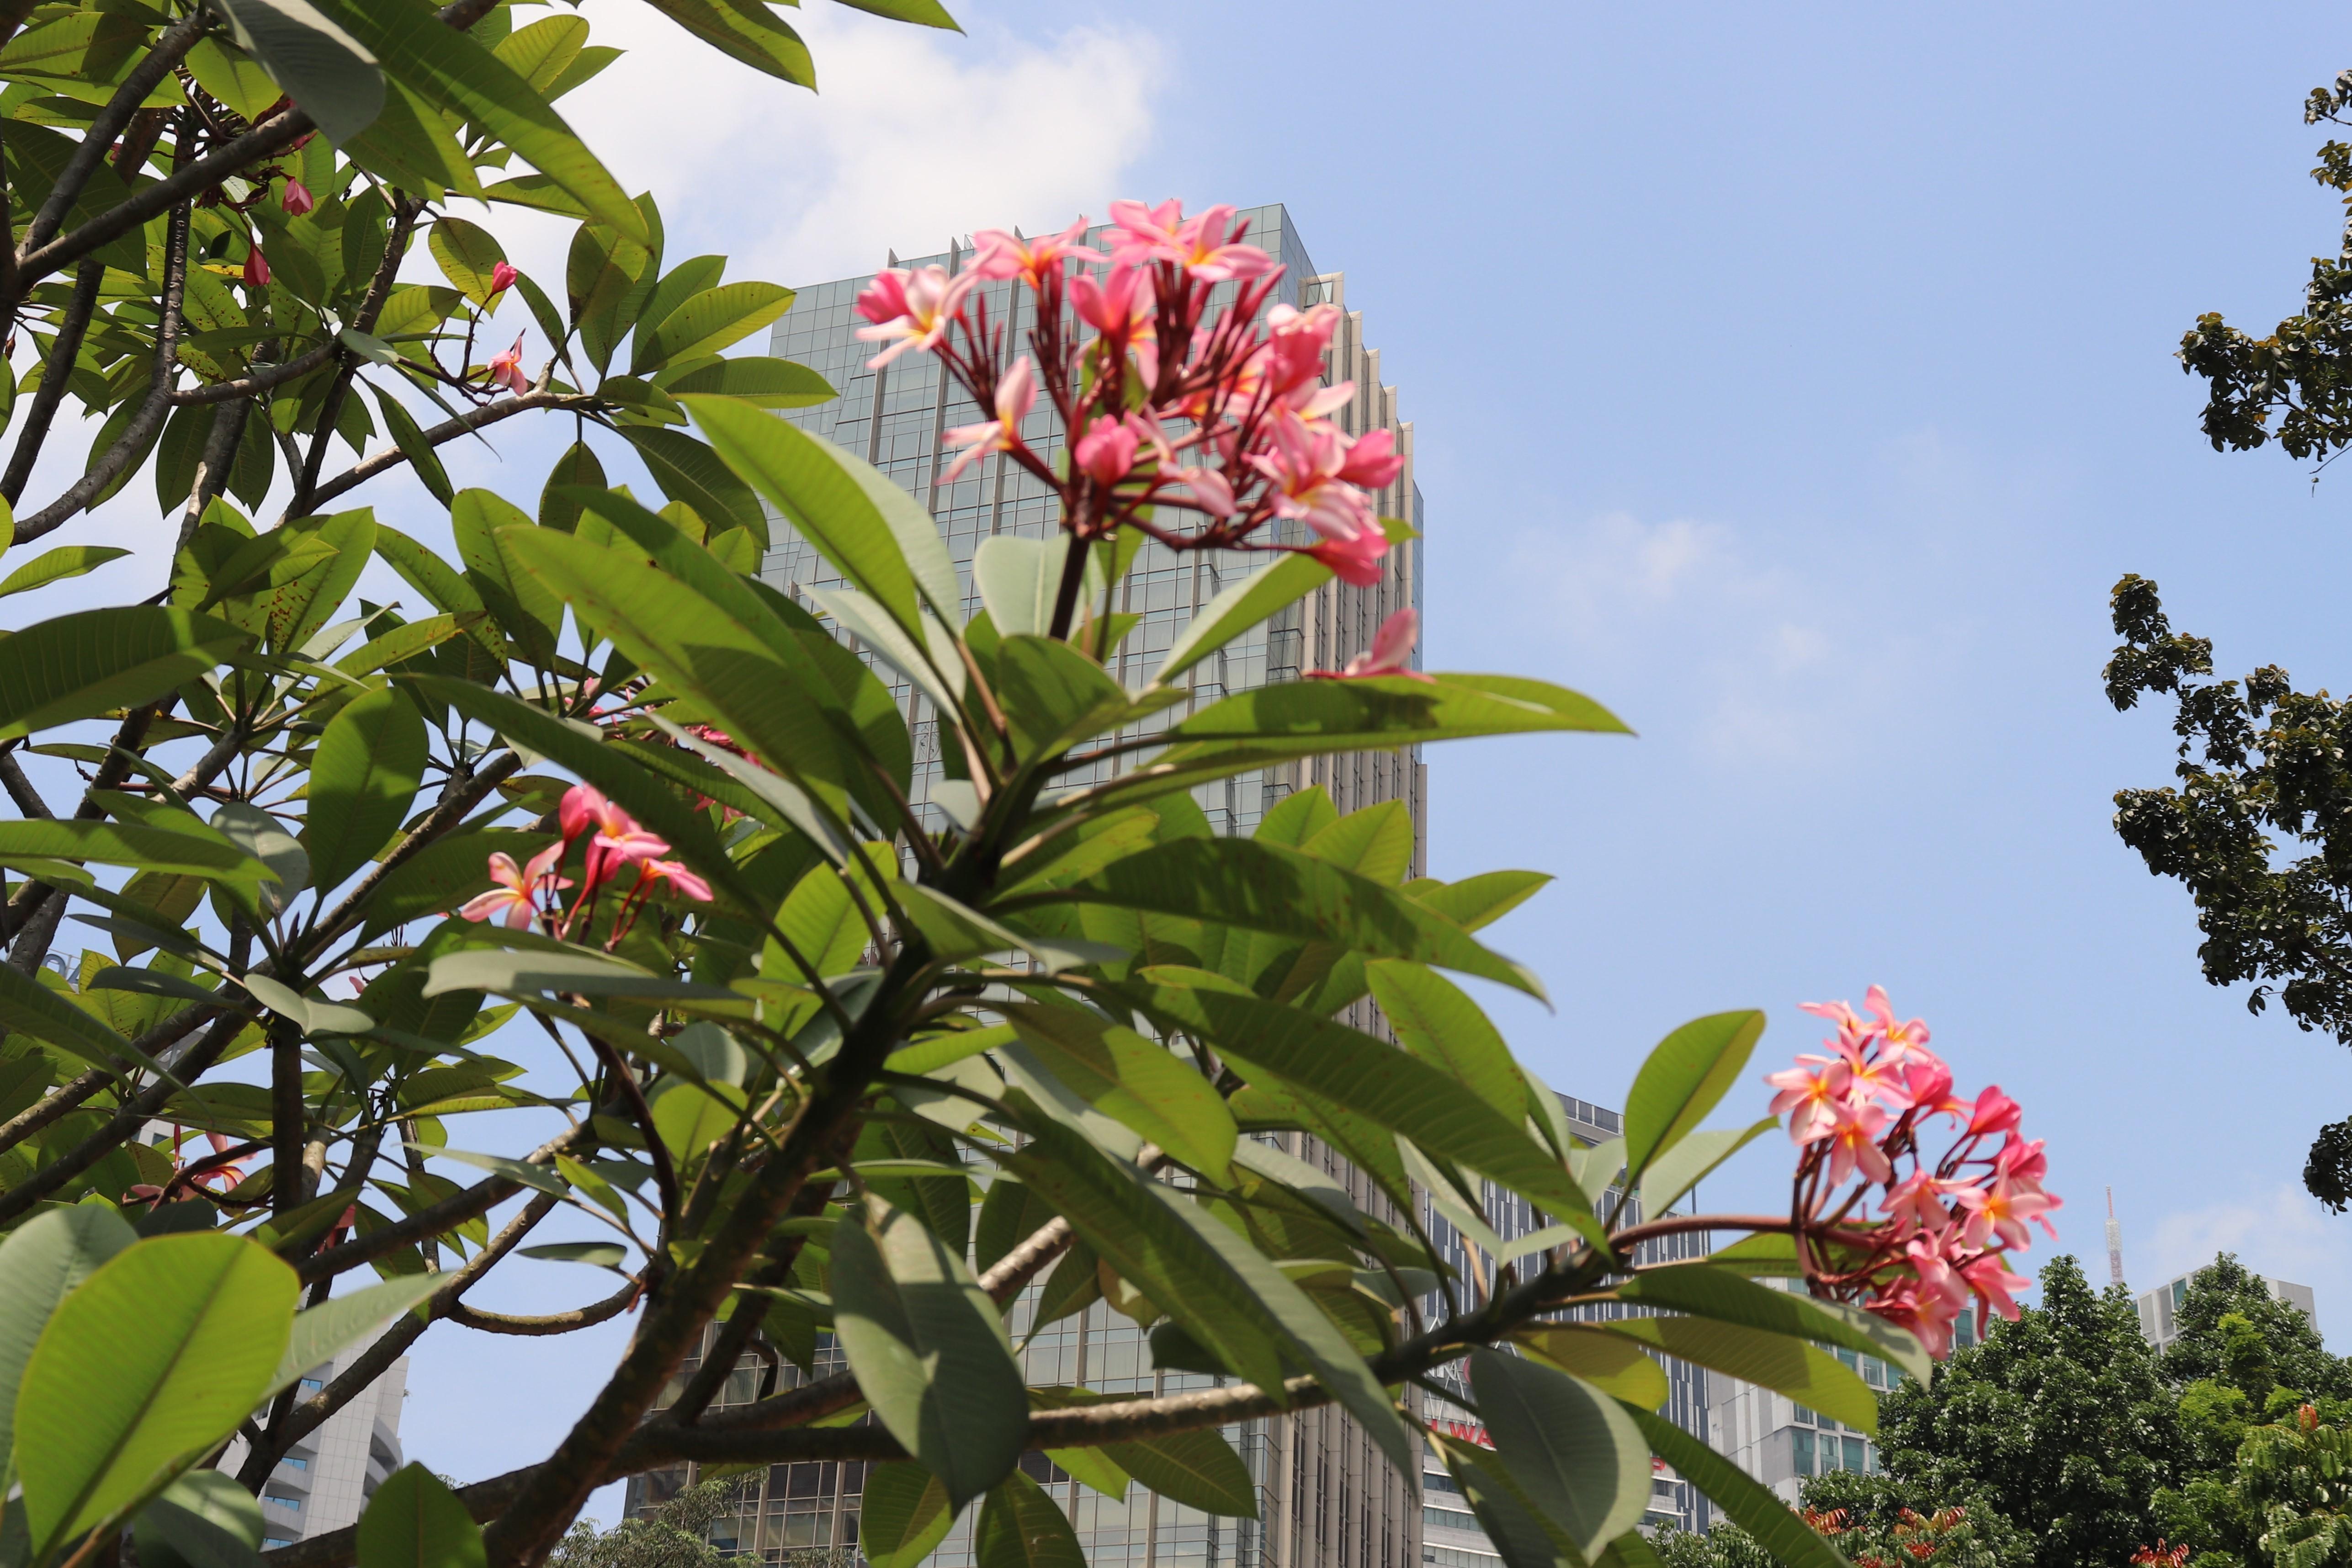 KL Park Petronas Towers